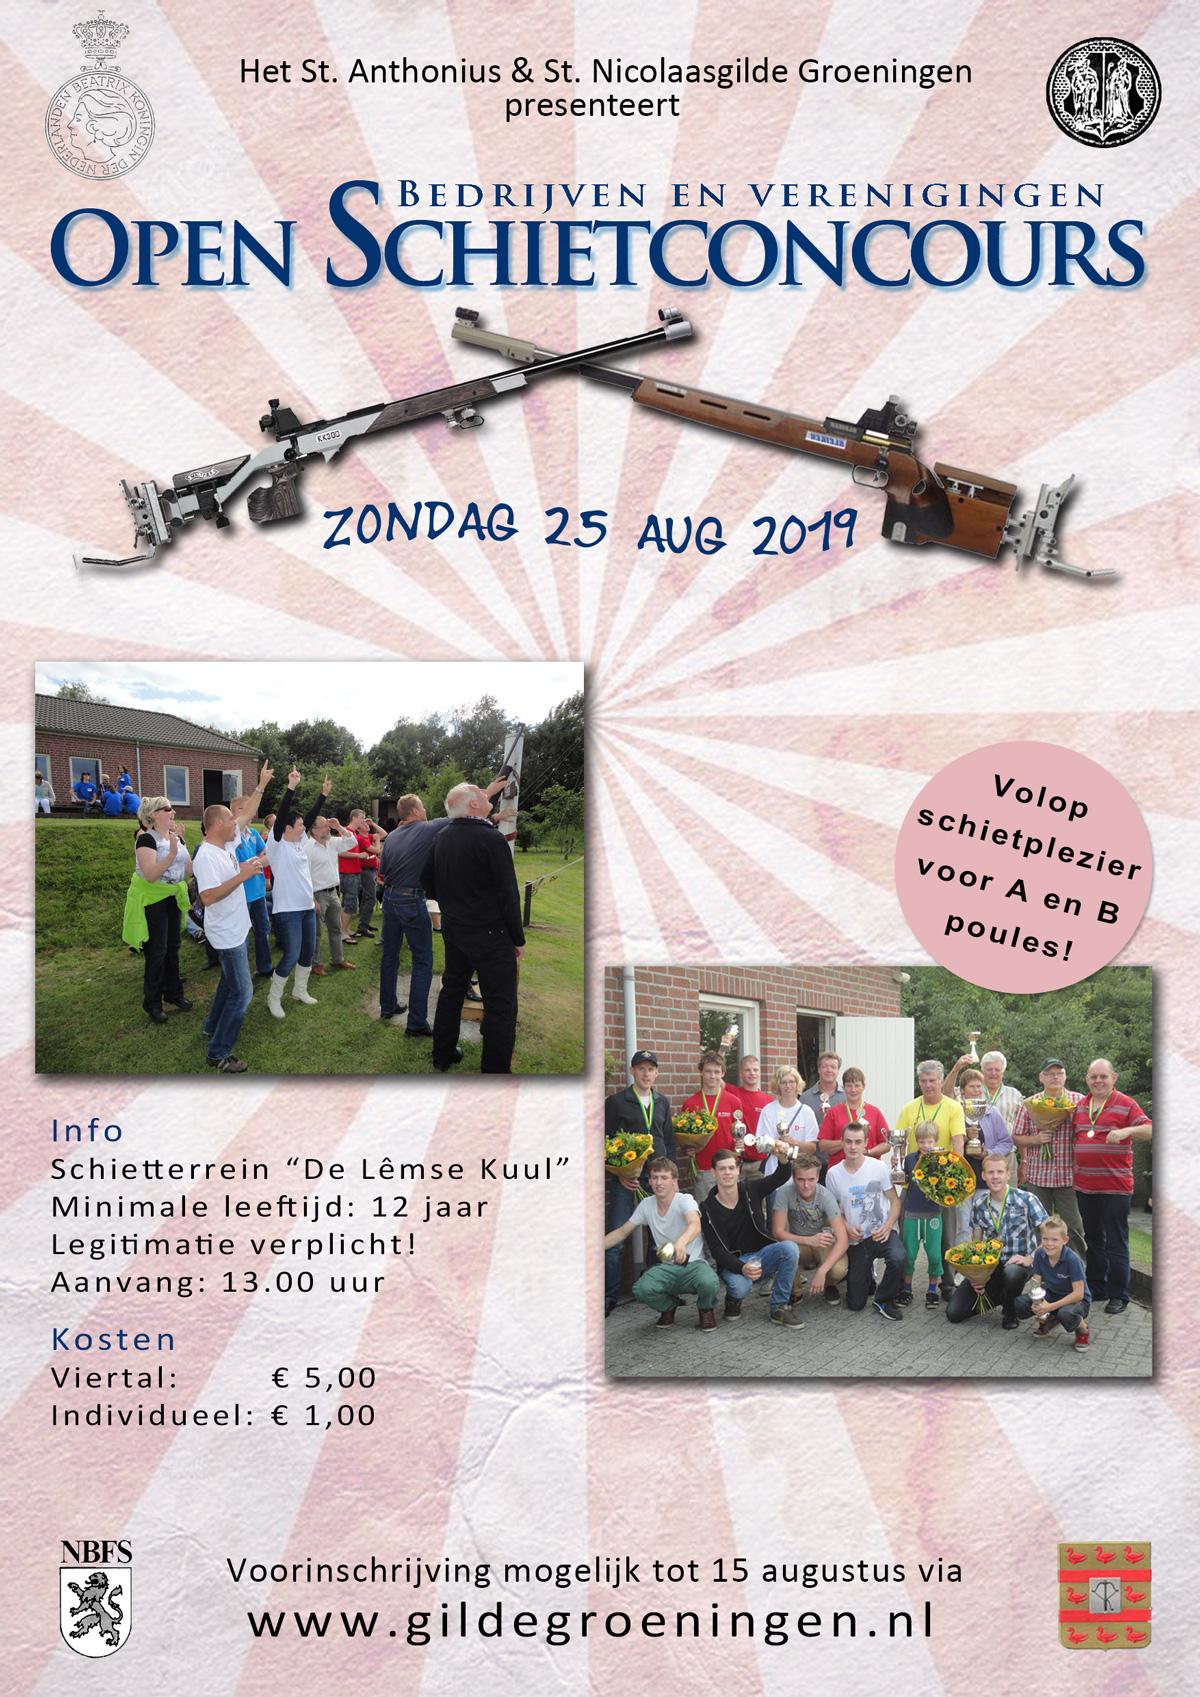 Open Schietconcours Poster 2019